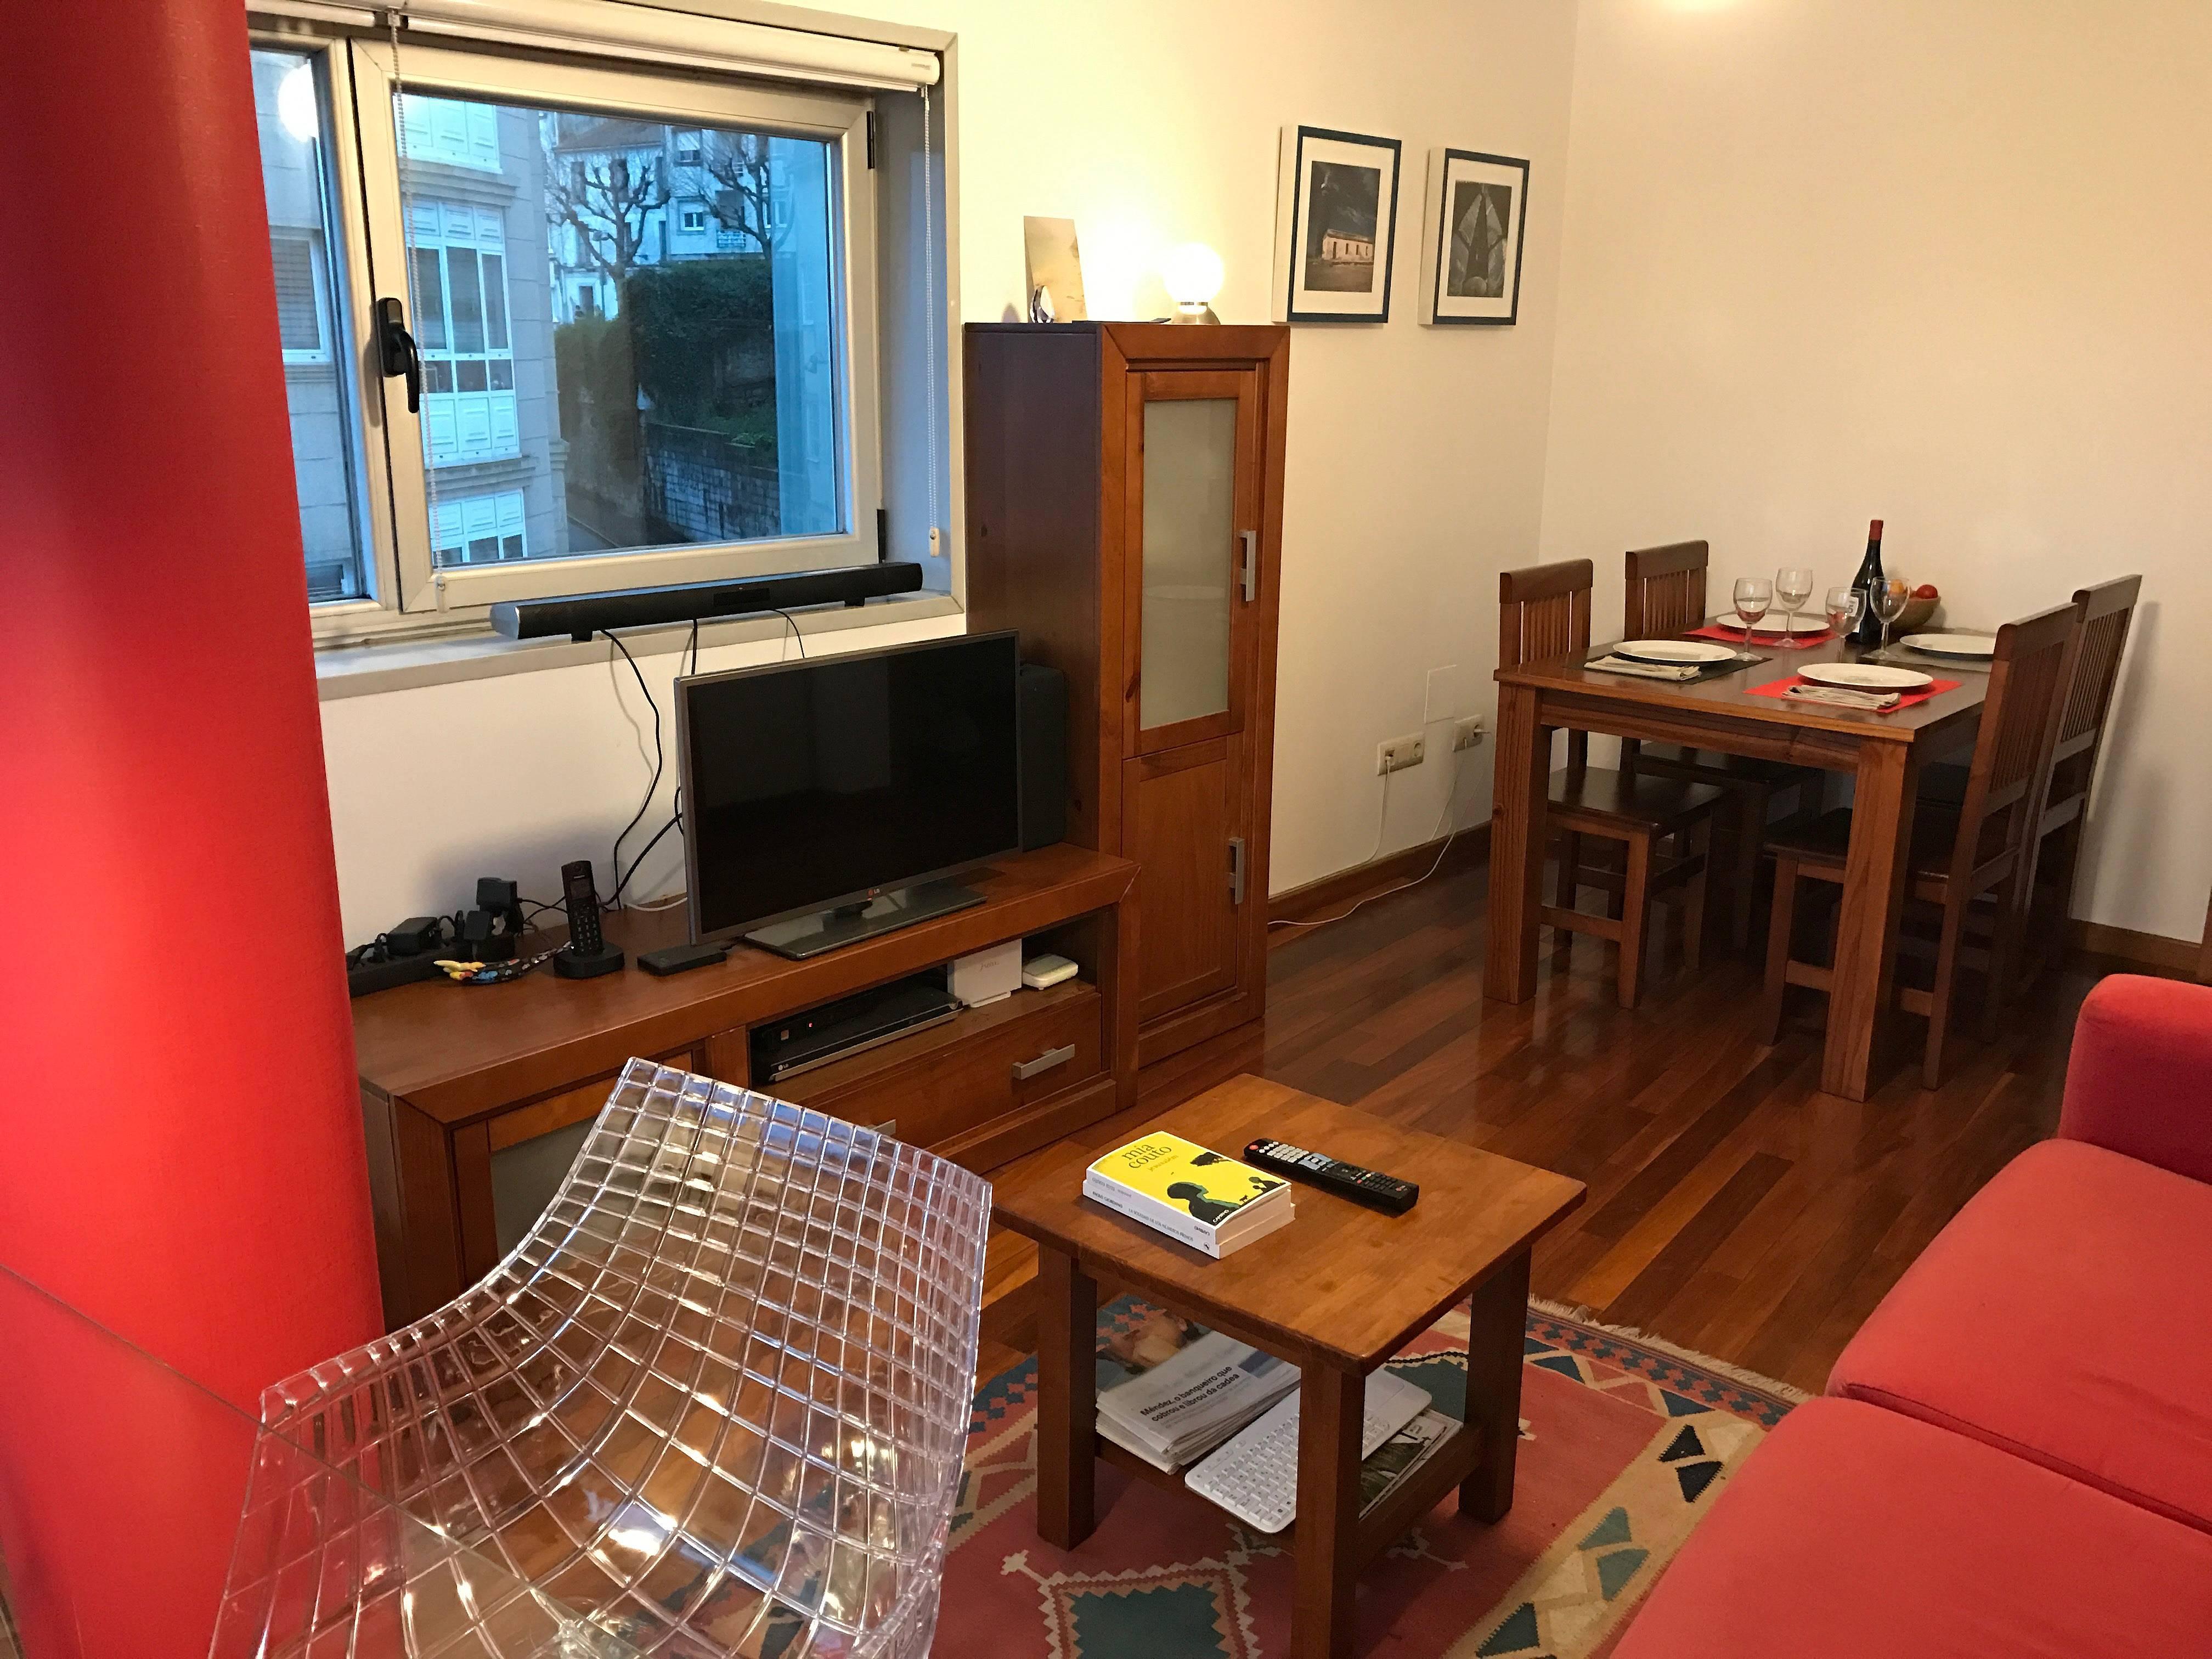 Apartamento para alugar em santiago de compostela centro santiago de compostela corunha - Apartamento santiago de compostela ...